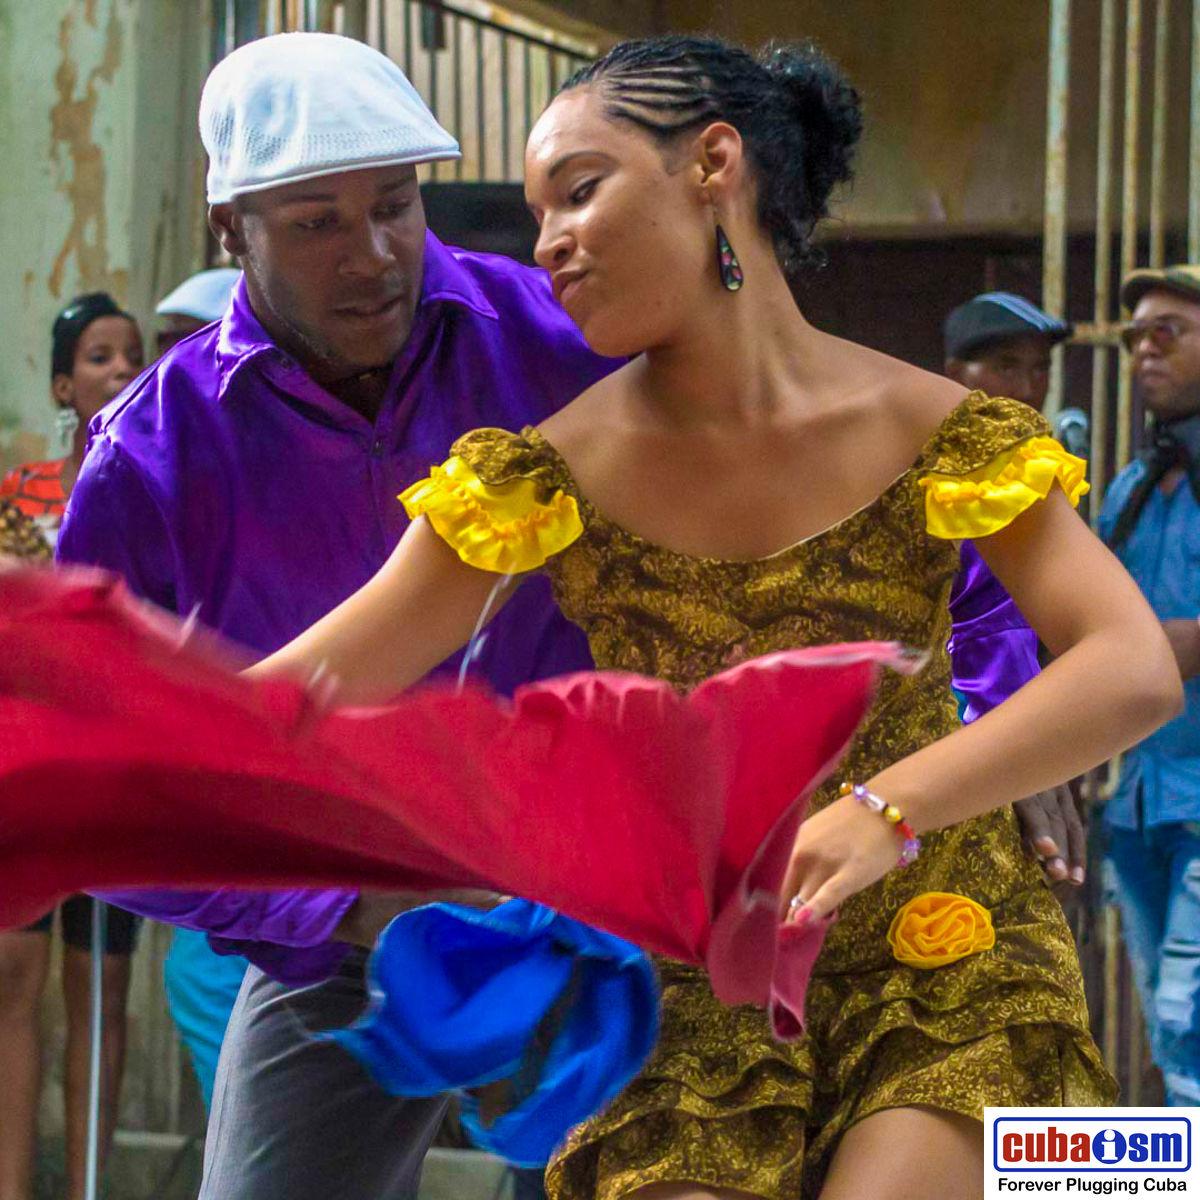 Cuban Salsa Dancers in Cuba